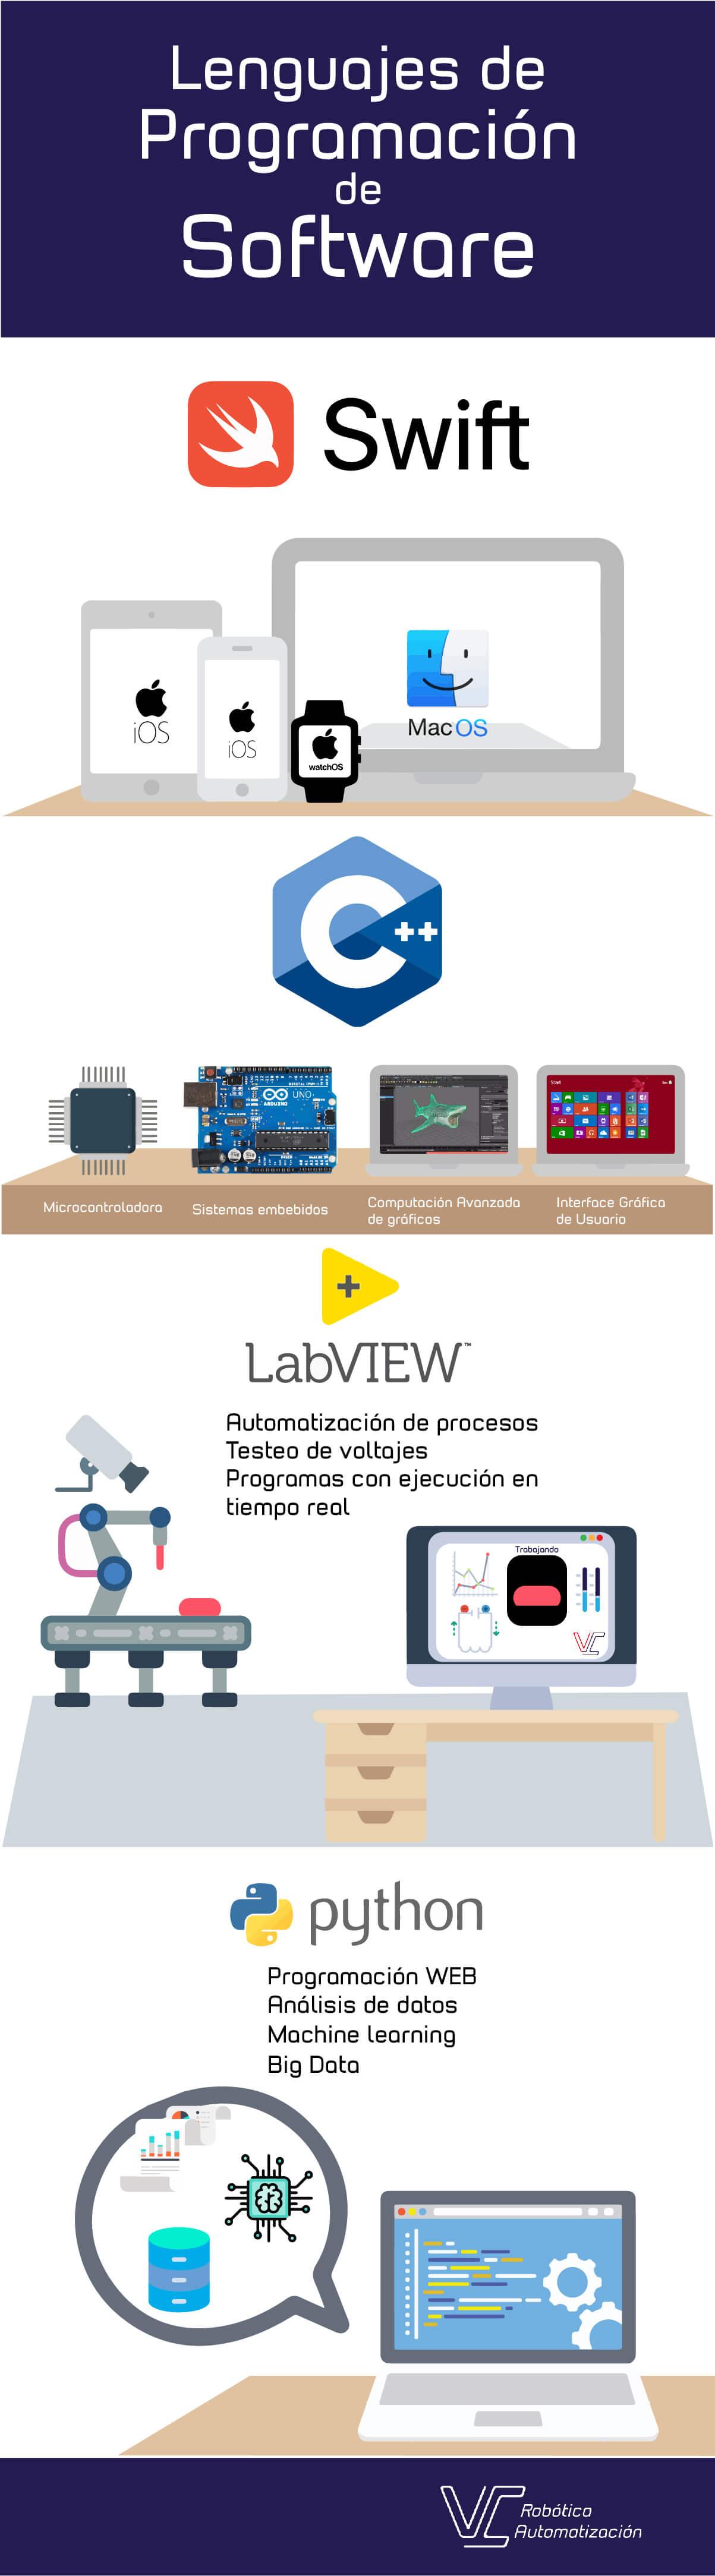 Lenguajes de programación: swift, lab view, c++, python